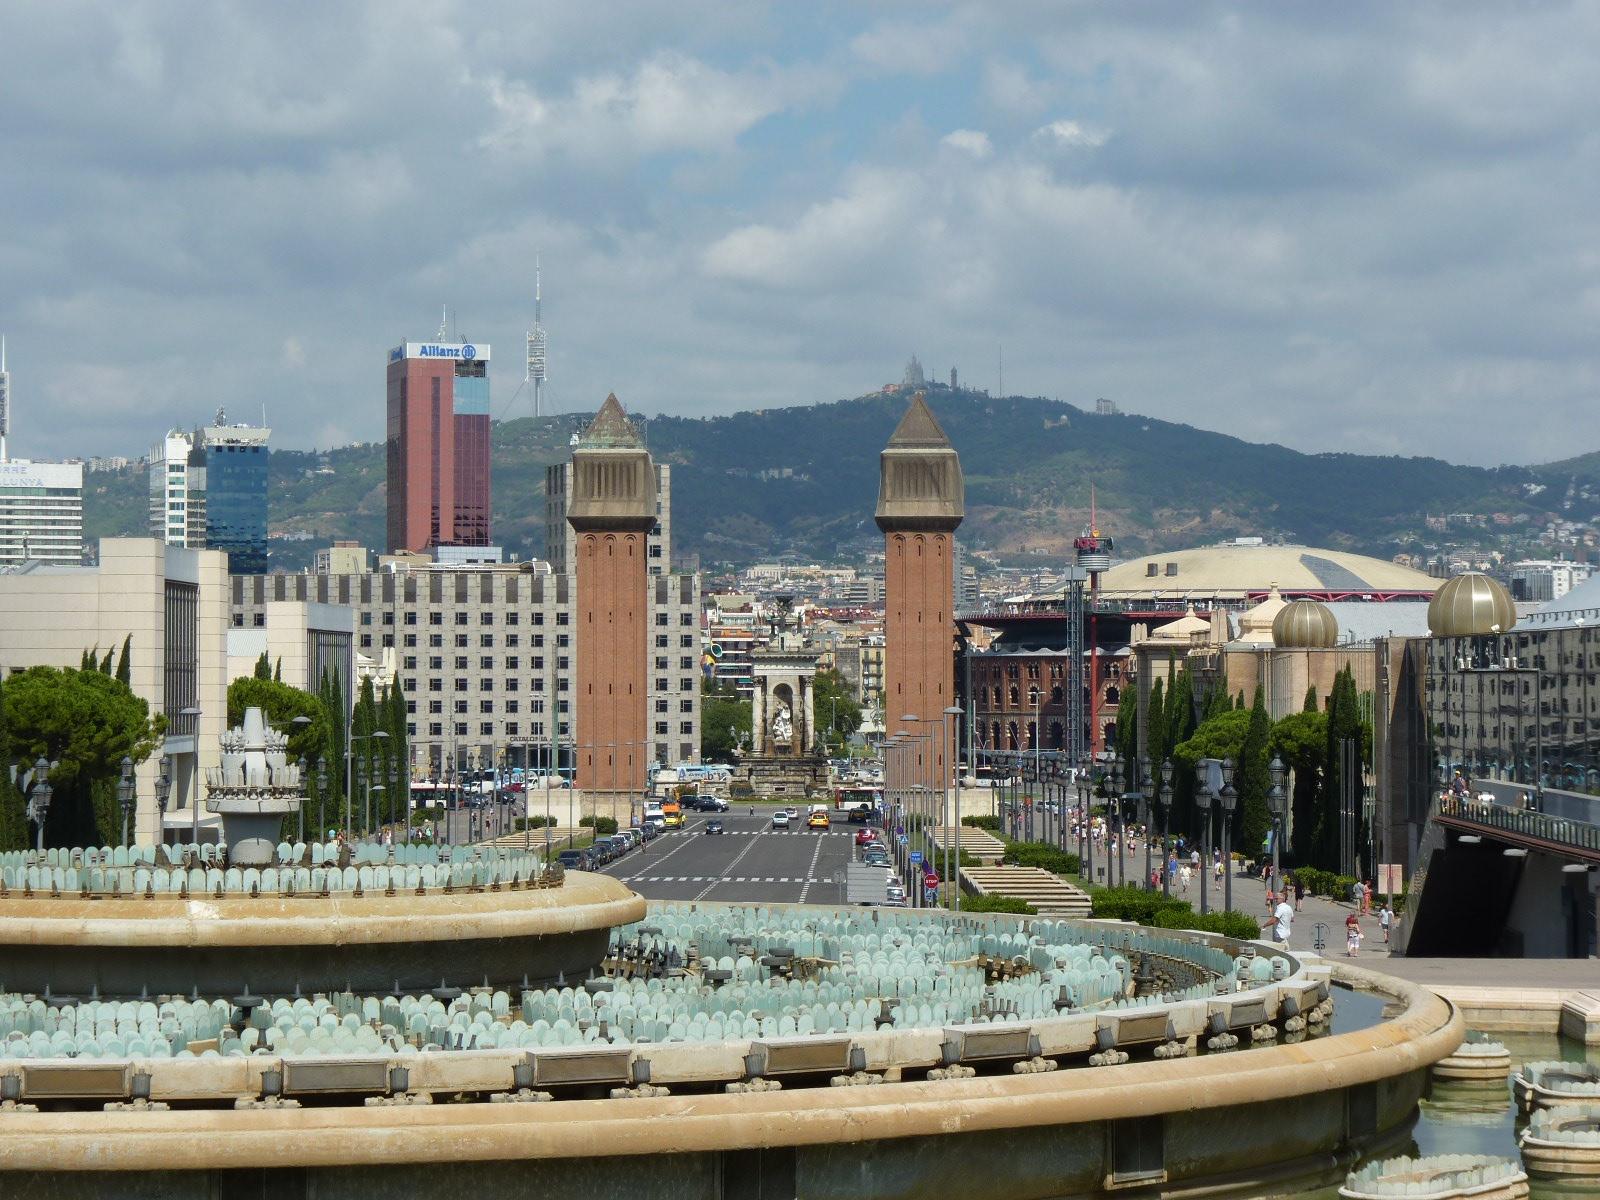 Placa-Espanya.jpg